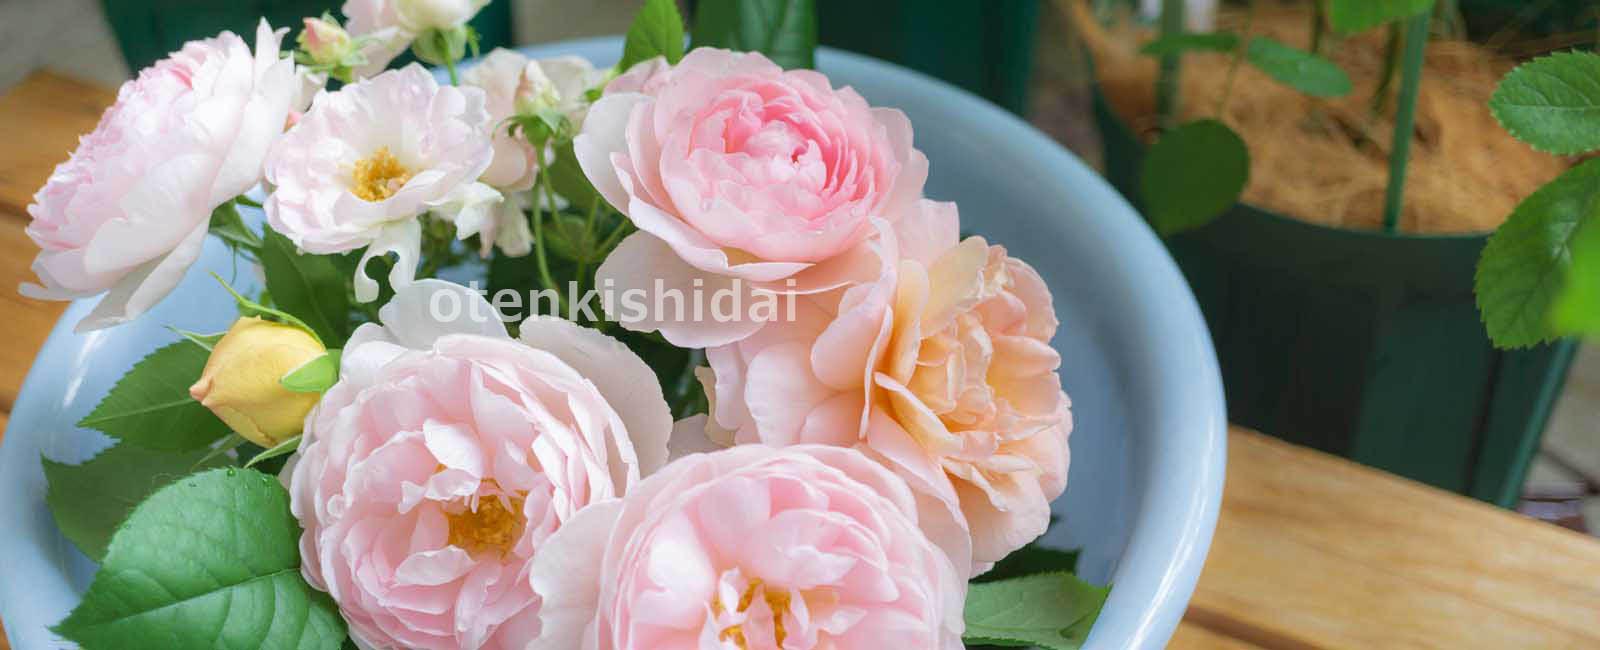 ベランダで咲いたバラを摘む